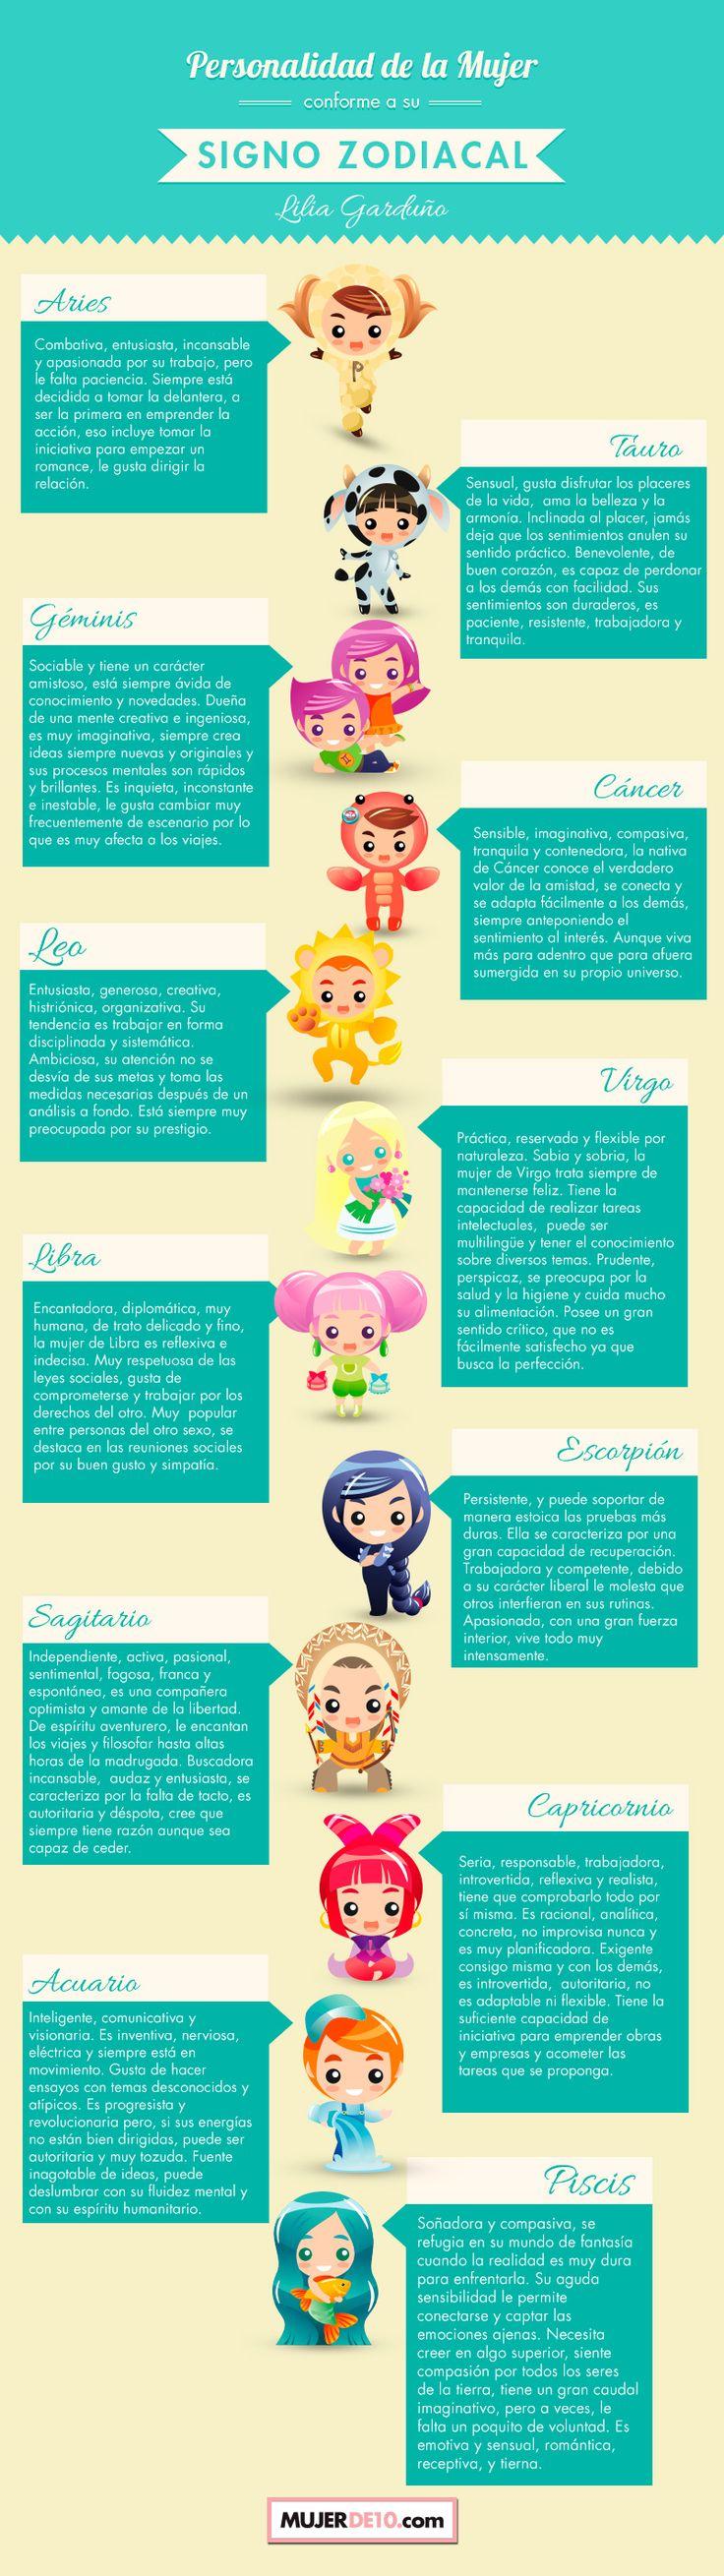 personalidad-signos-zodiacales